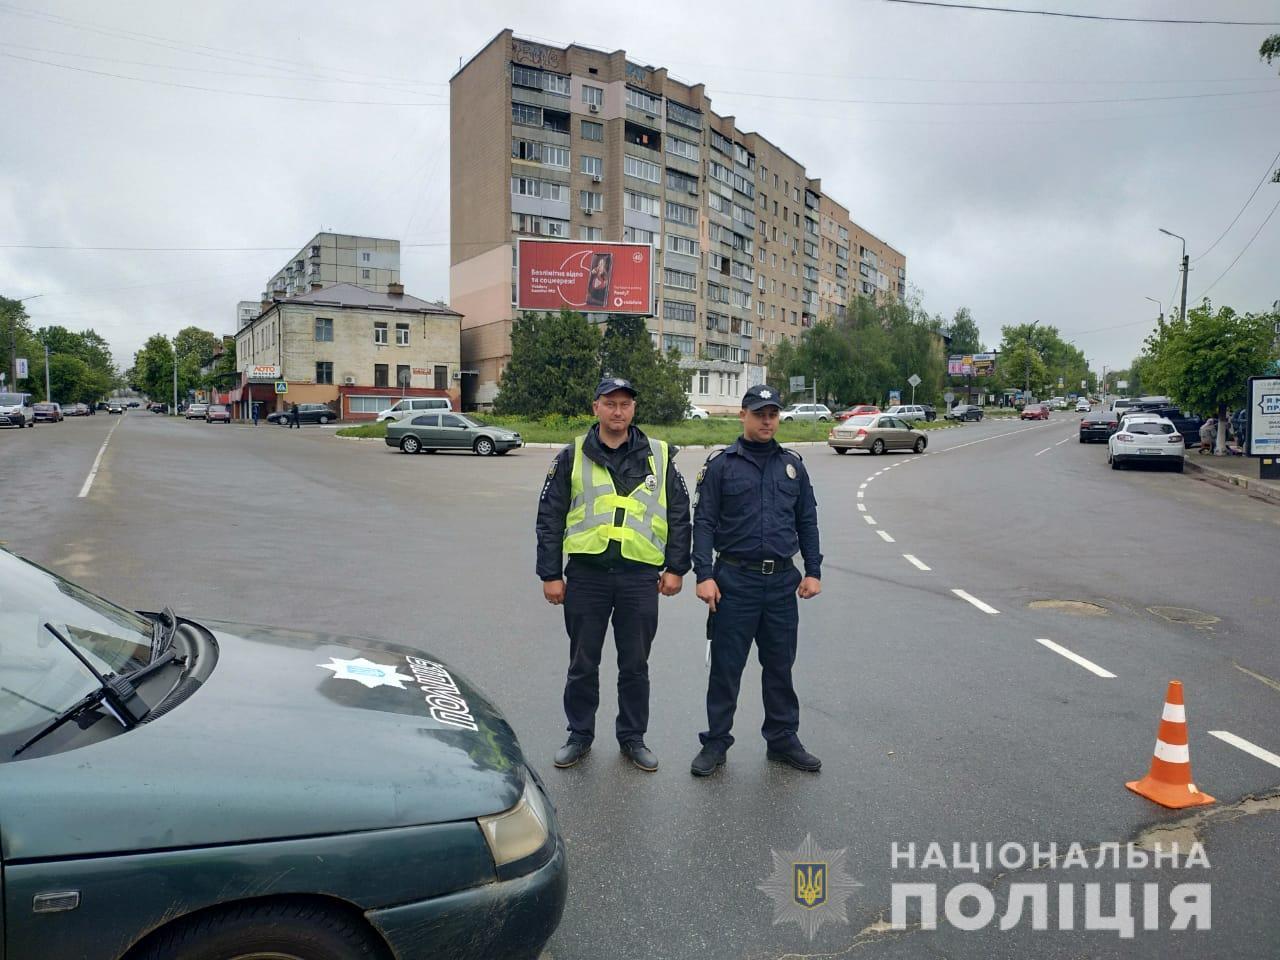 На охорону порядку на Київщині вийшли майже 800 правоохоронців - поліція Київщини, київщина, Друга світова війна, День перемоги над нацизмом - Poliz 9 trav 4